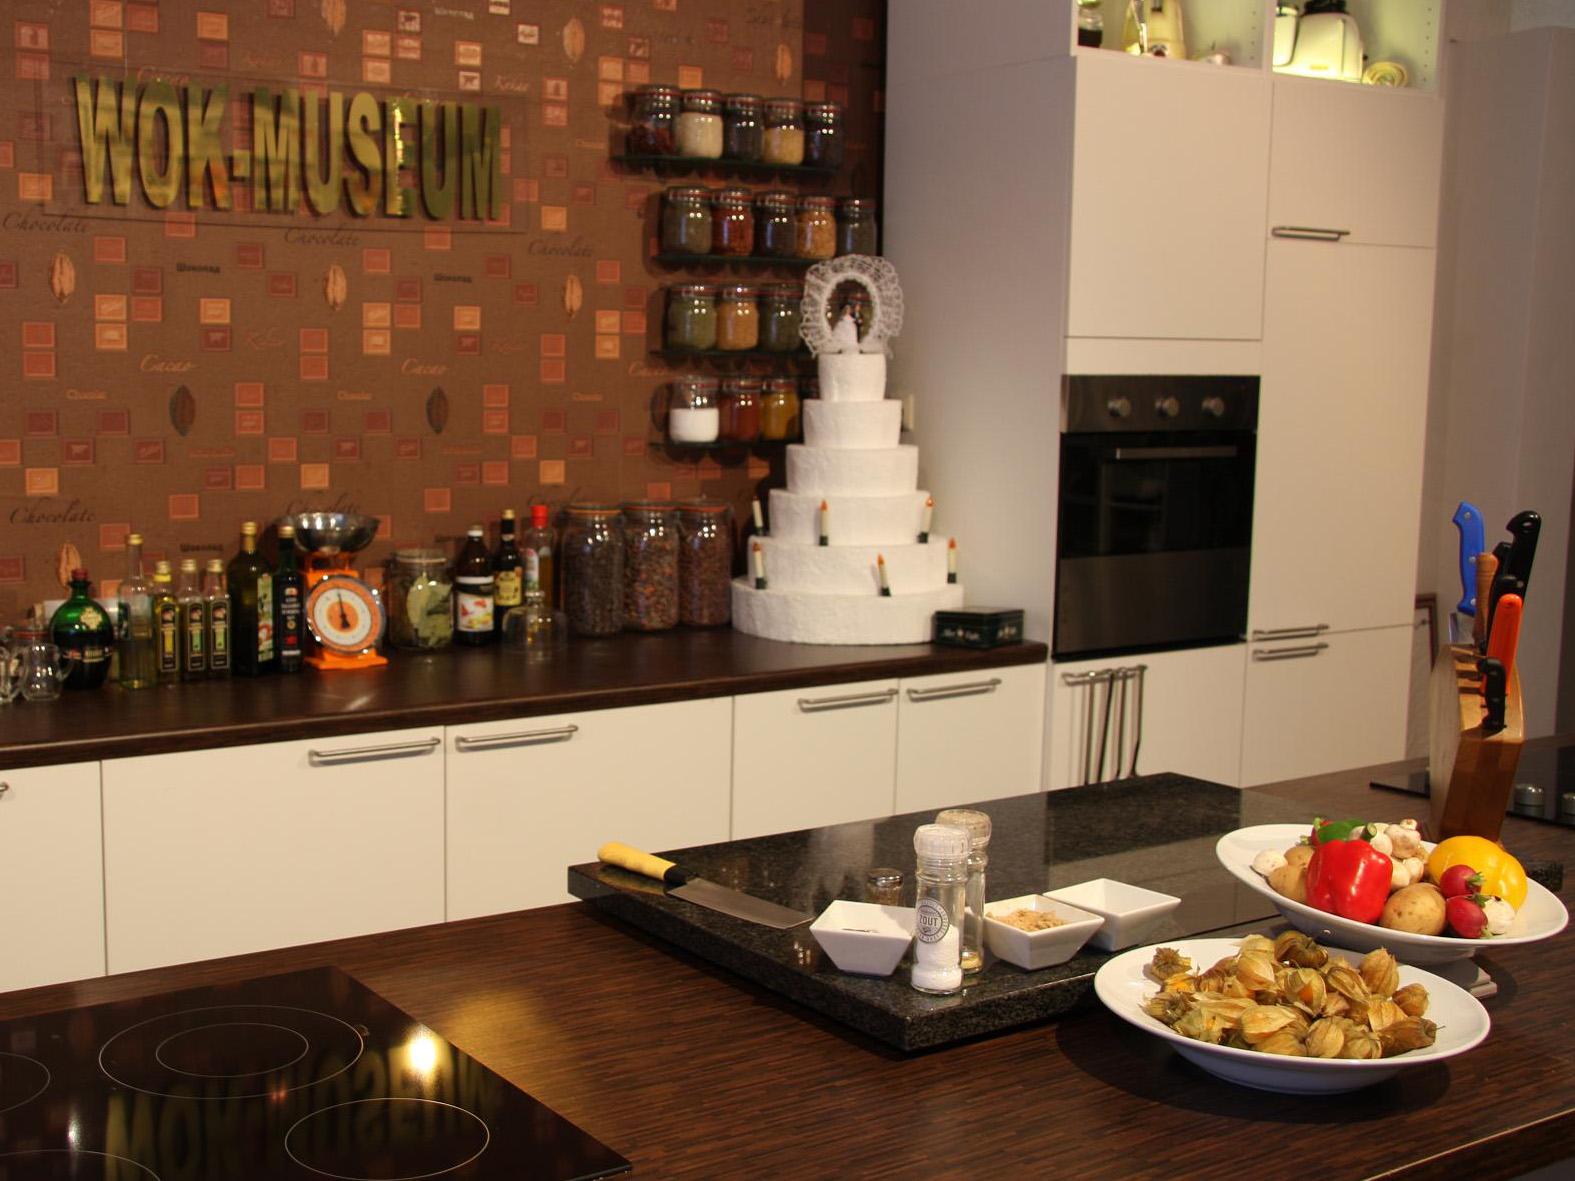 In einer großen Küche hängt ein Schild mit den Worten WOK-Museum an der Wand.